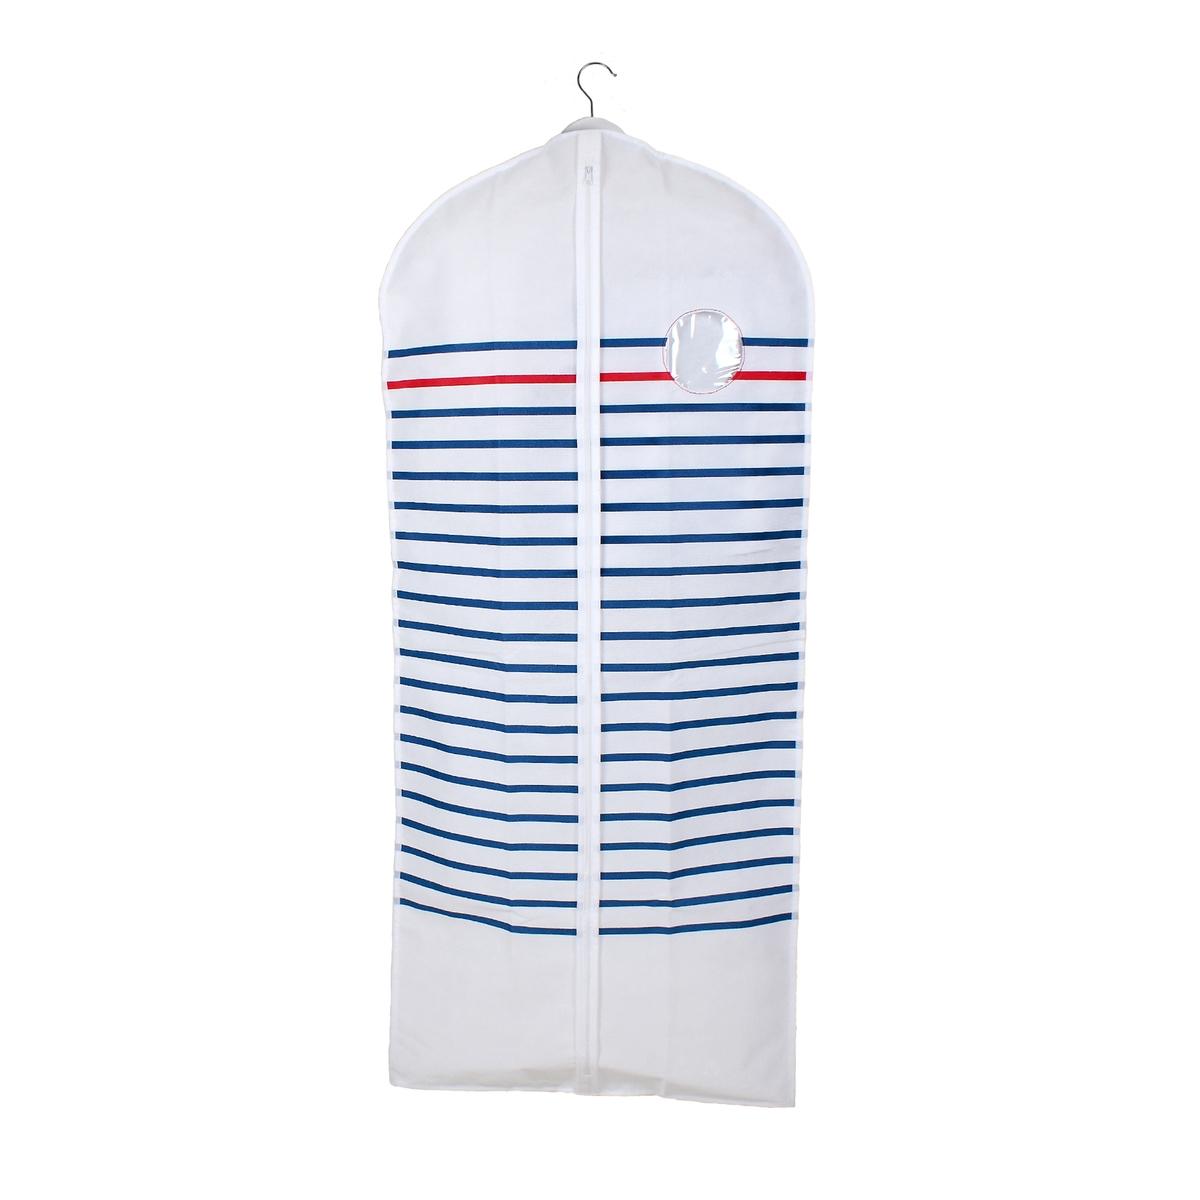 Комплект из 2 чехлов для одежды BazilХарактеристики чехла:- Нетканый, 100% полипропилена, с принтом в голубую/красную полоску на белом фоне.- 2 ручки для переноски позволяют сложить чехол вдвое, отверстие для вешалки-плечиков.- Застежка на молнию.- Прозрачная вставка.Размеры чехла:Ширина 60 см.Высота 135 см (для пальто).Найдите все чехлы для хранения Bazil на сайте laredoute.ru.<br><br>Цвет: в полоску белый/темно-синий